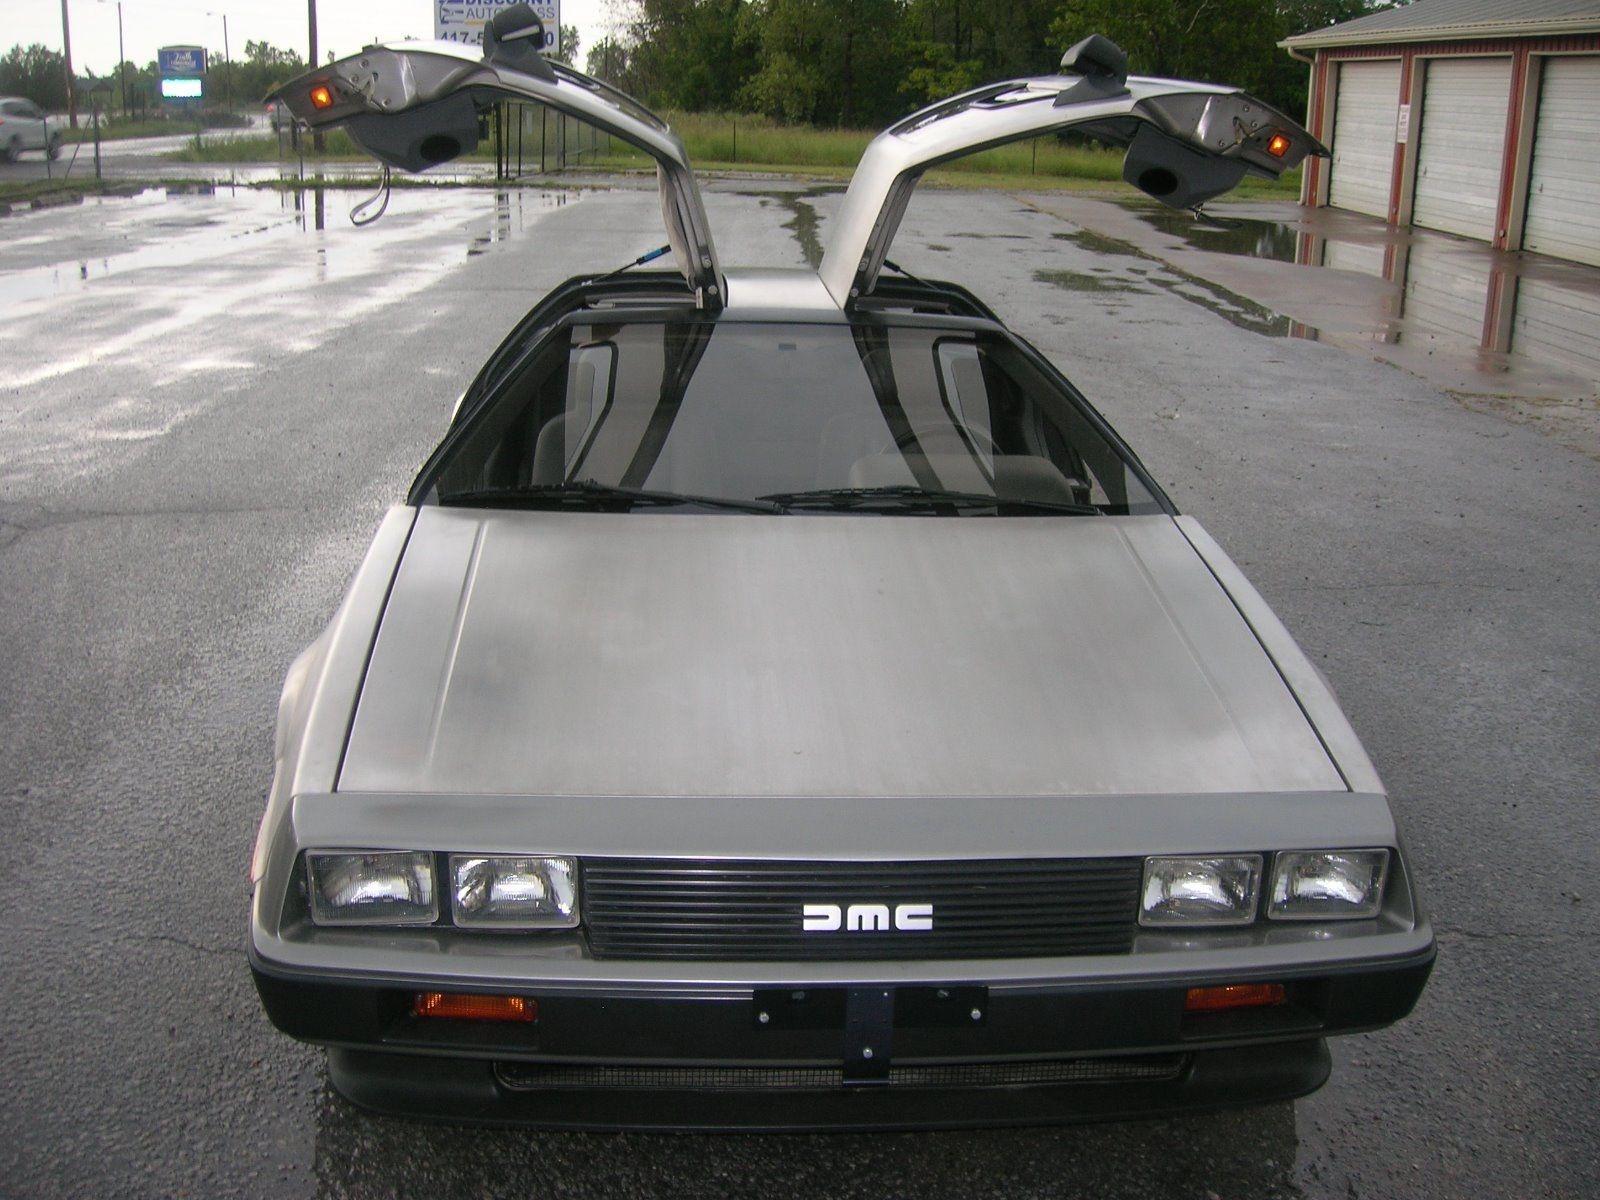 gullwing-doors & 18 Original Miles: 1981 DeLorean DMC-12